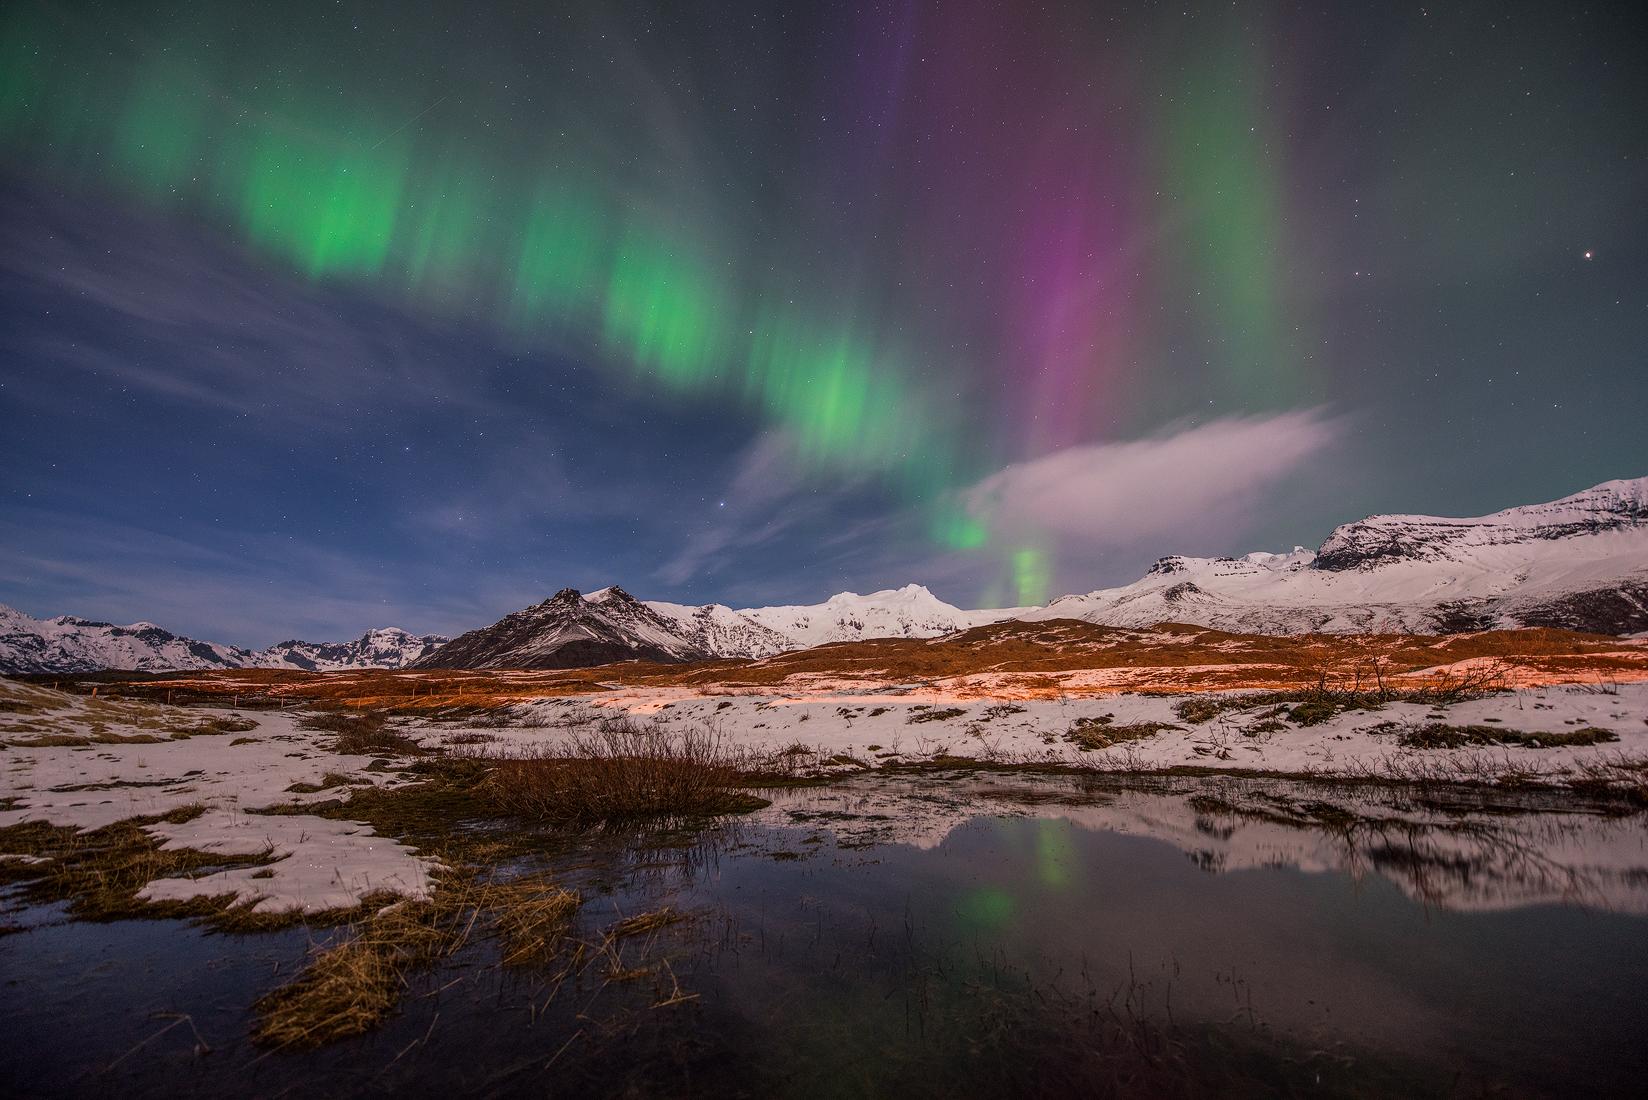 Islands snødekte landskap om vinteren blir til et frossent eventyrland der du kan beundre nordlyset på himmelen over.